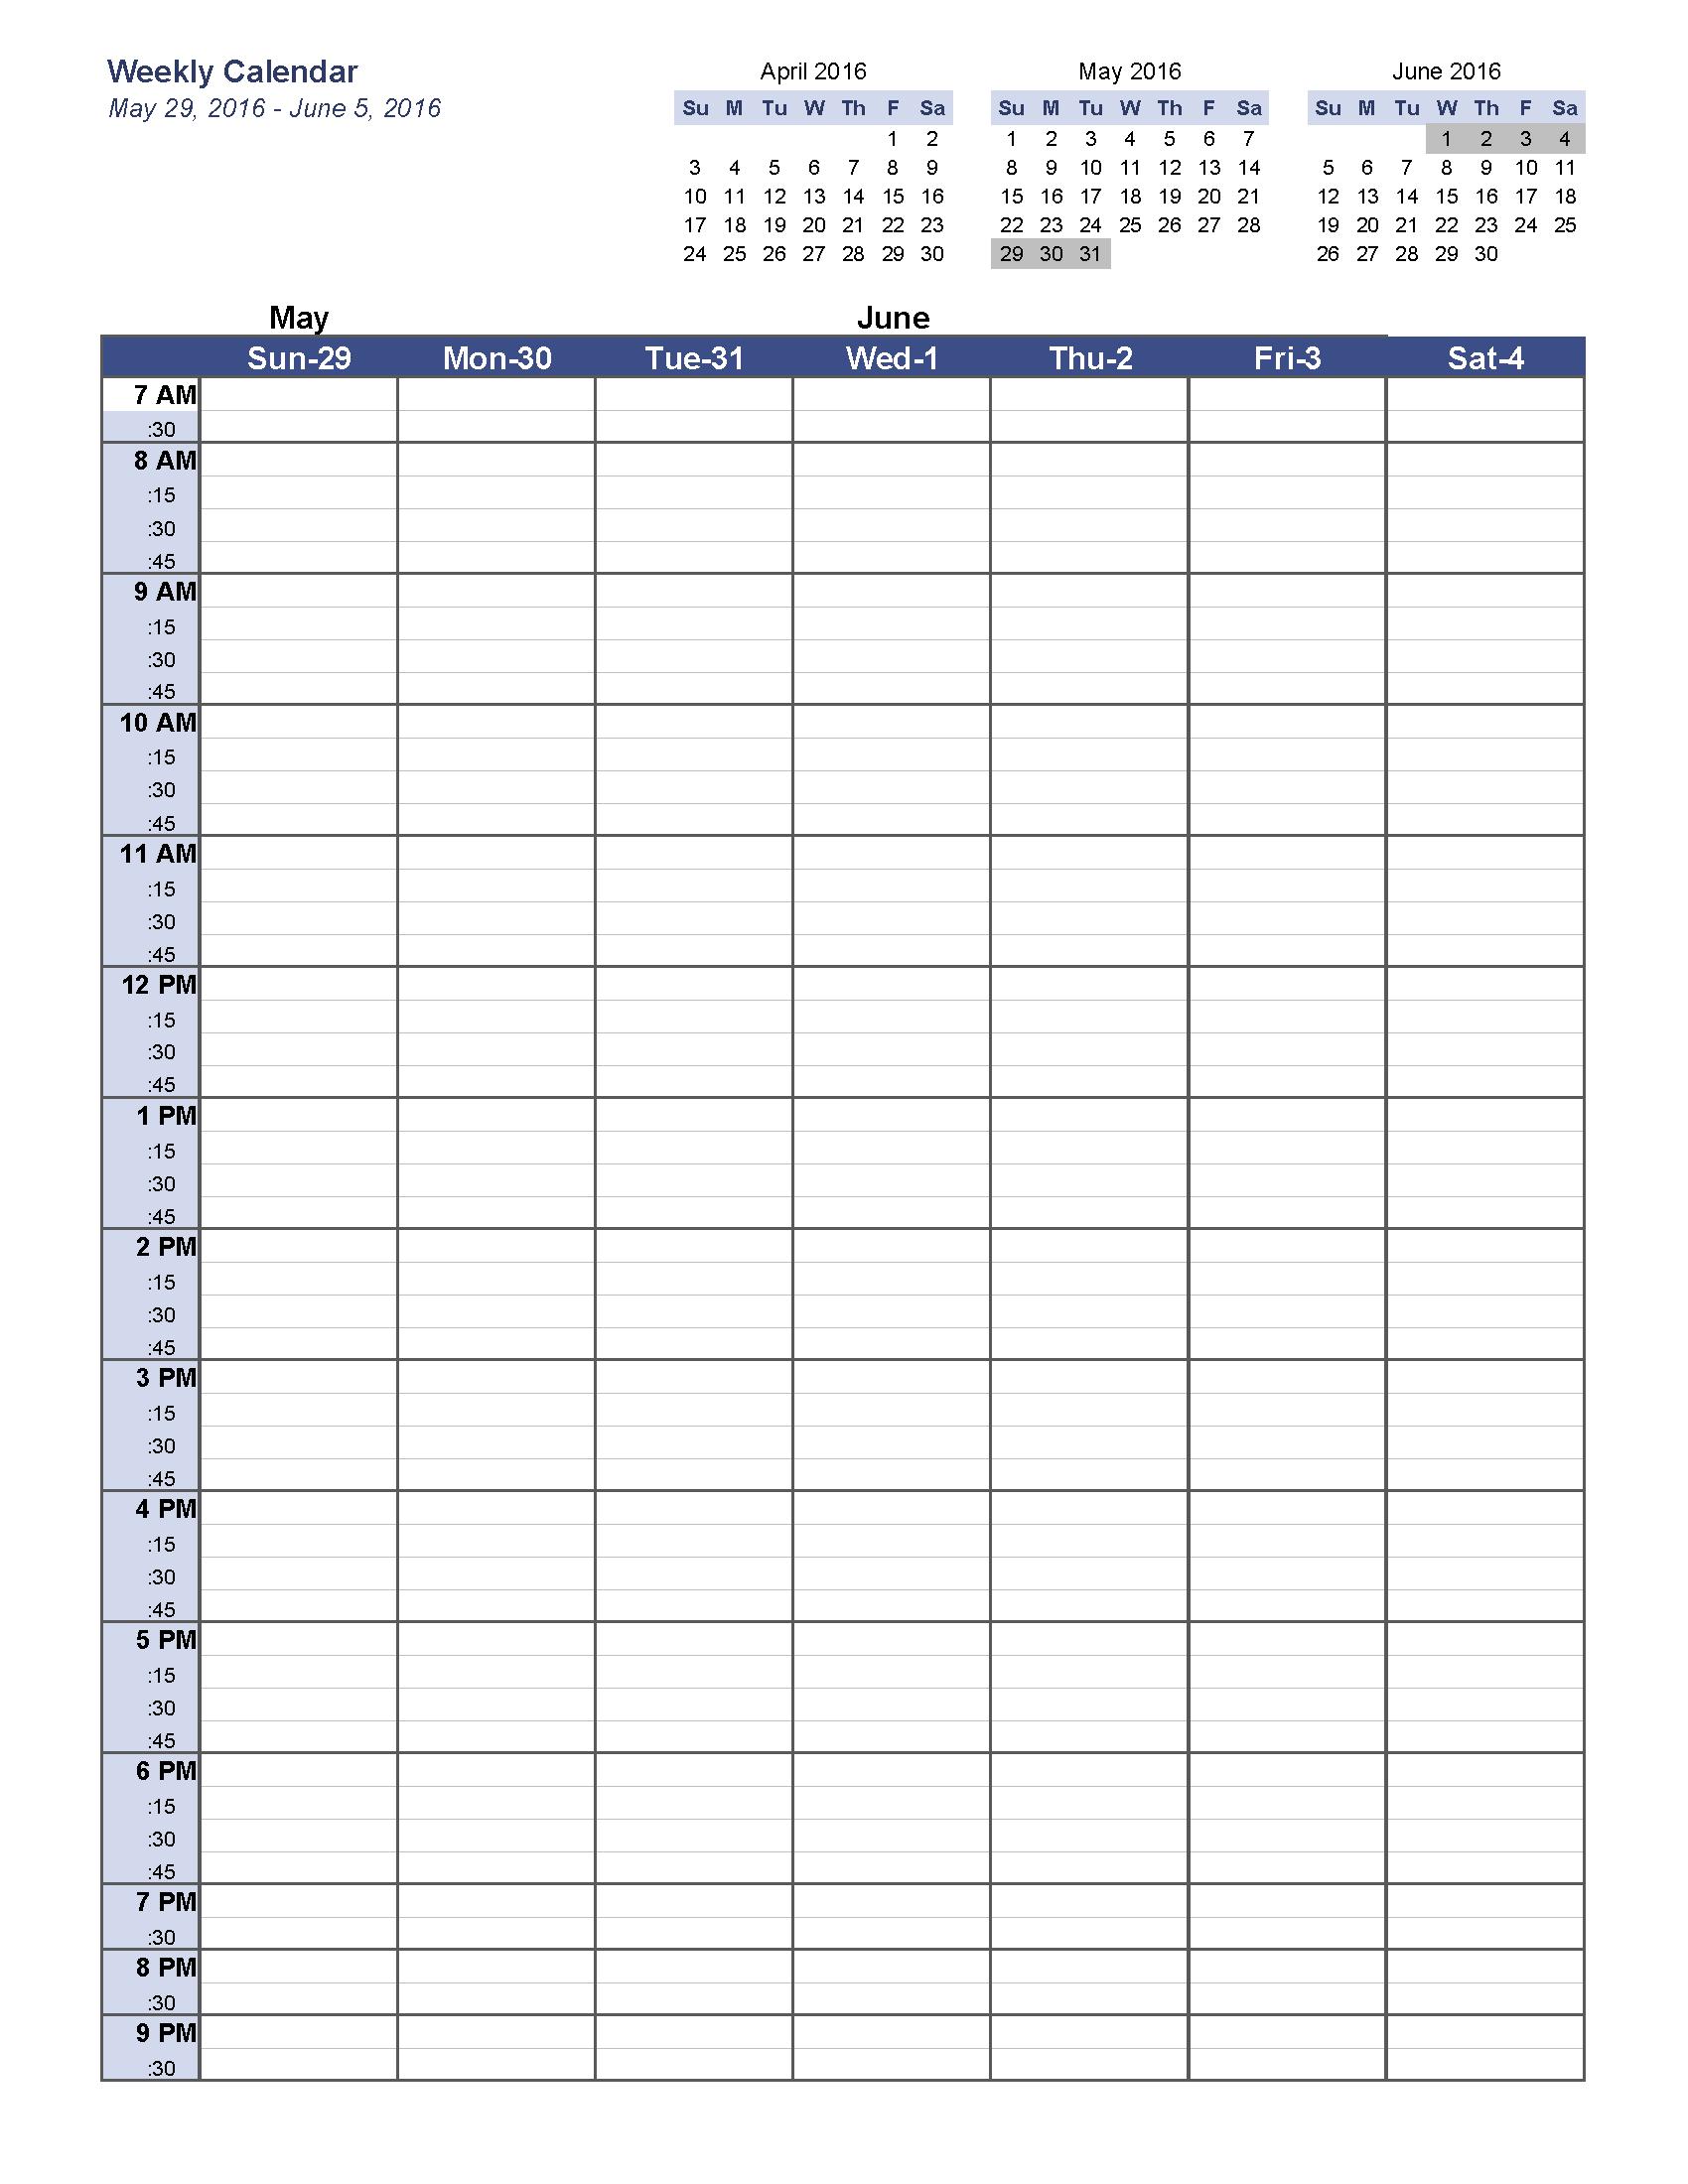 May Weekly Calendar Templates